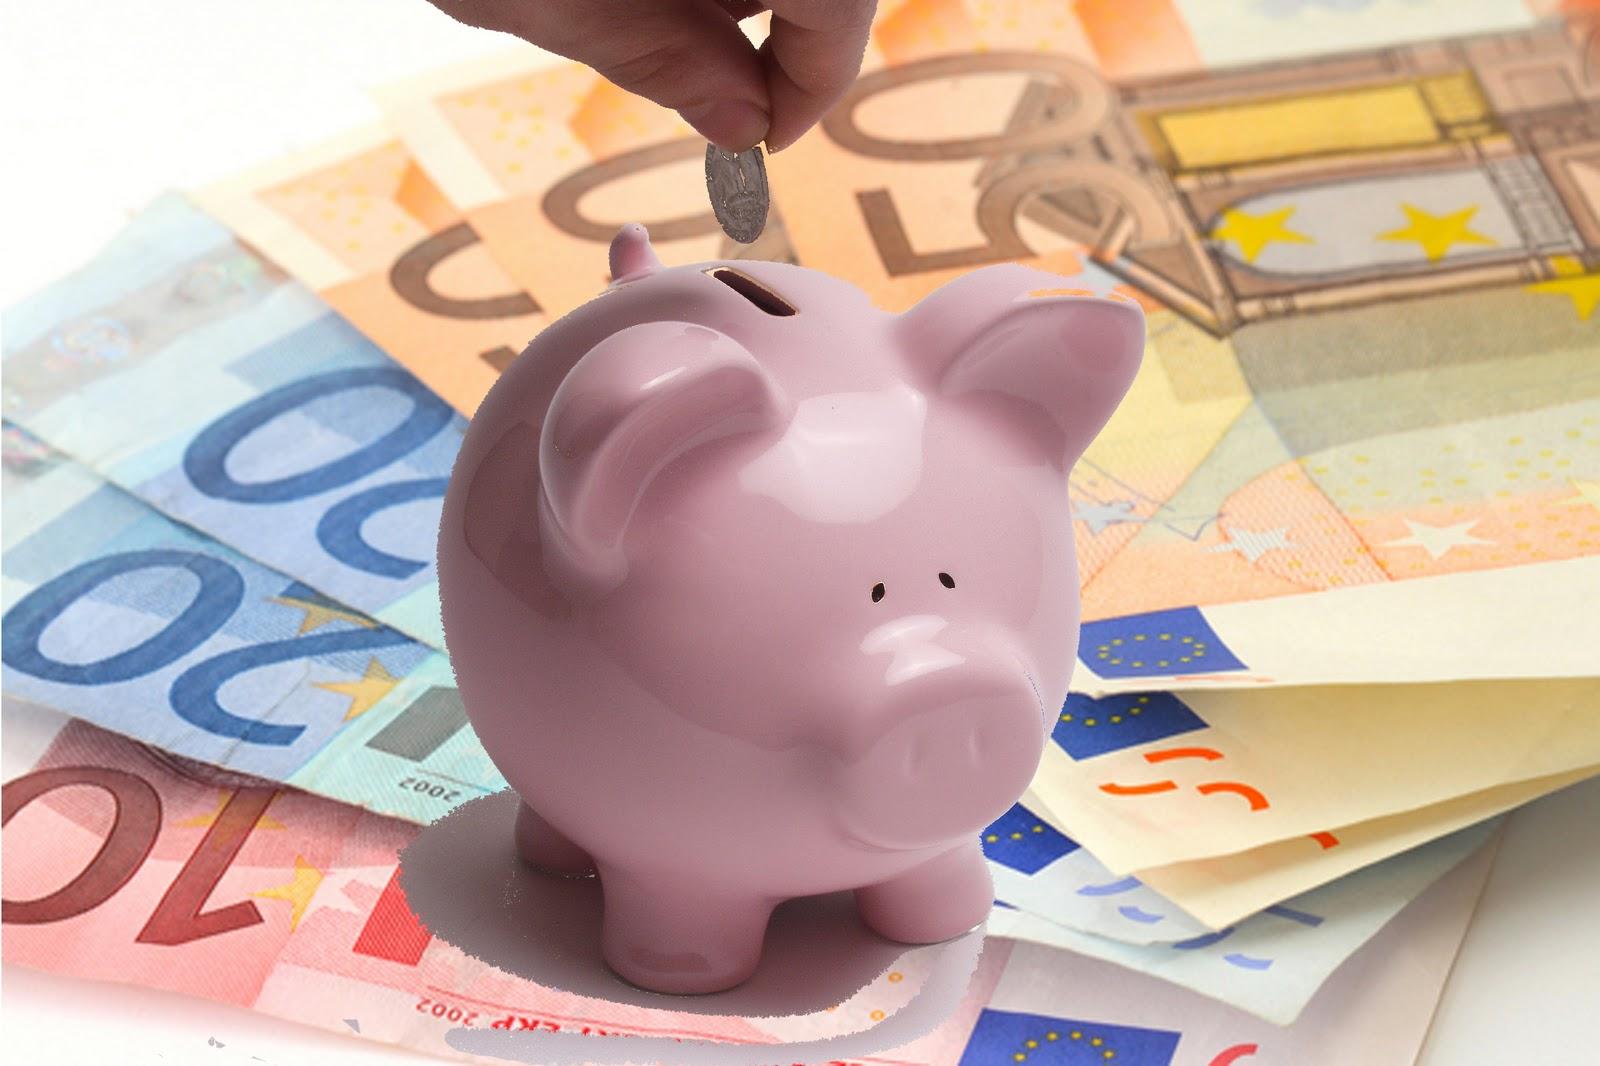 Nuove fusioni bancarie all'orizzonte?